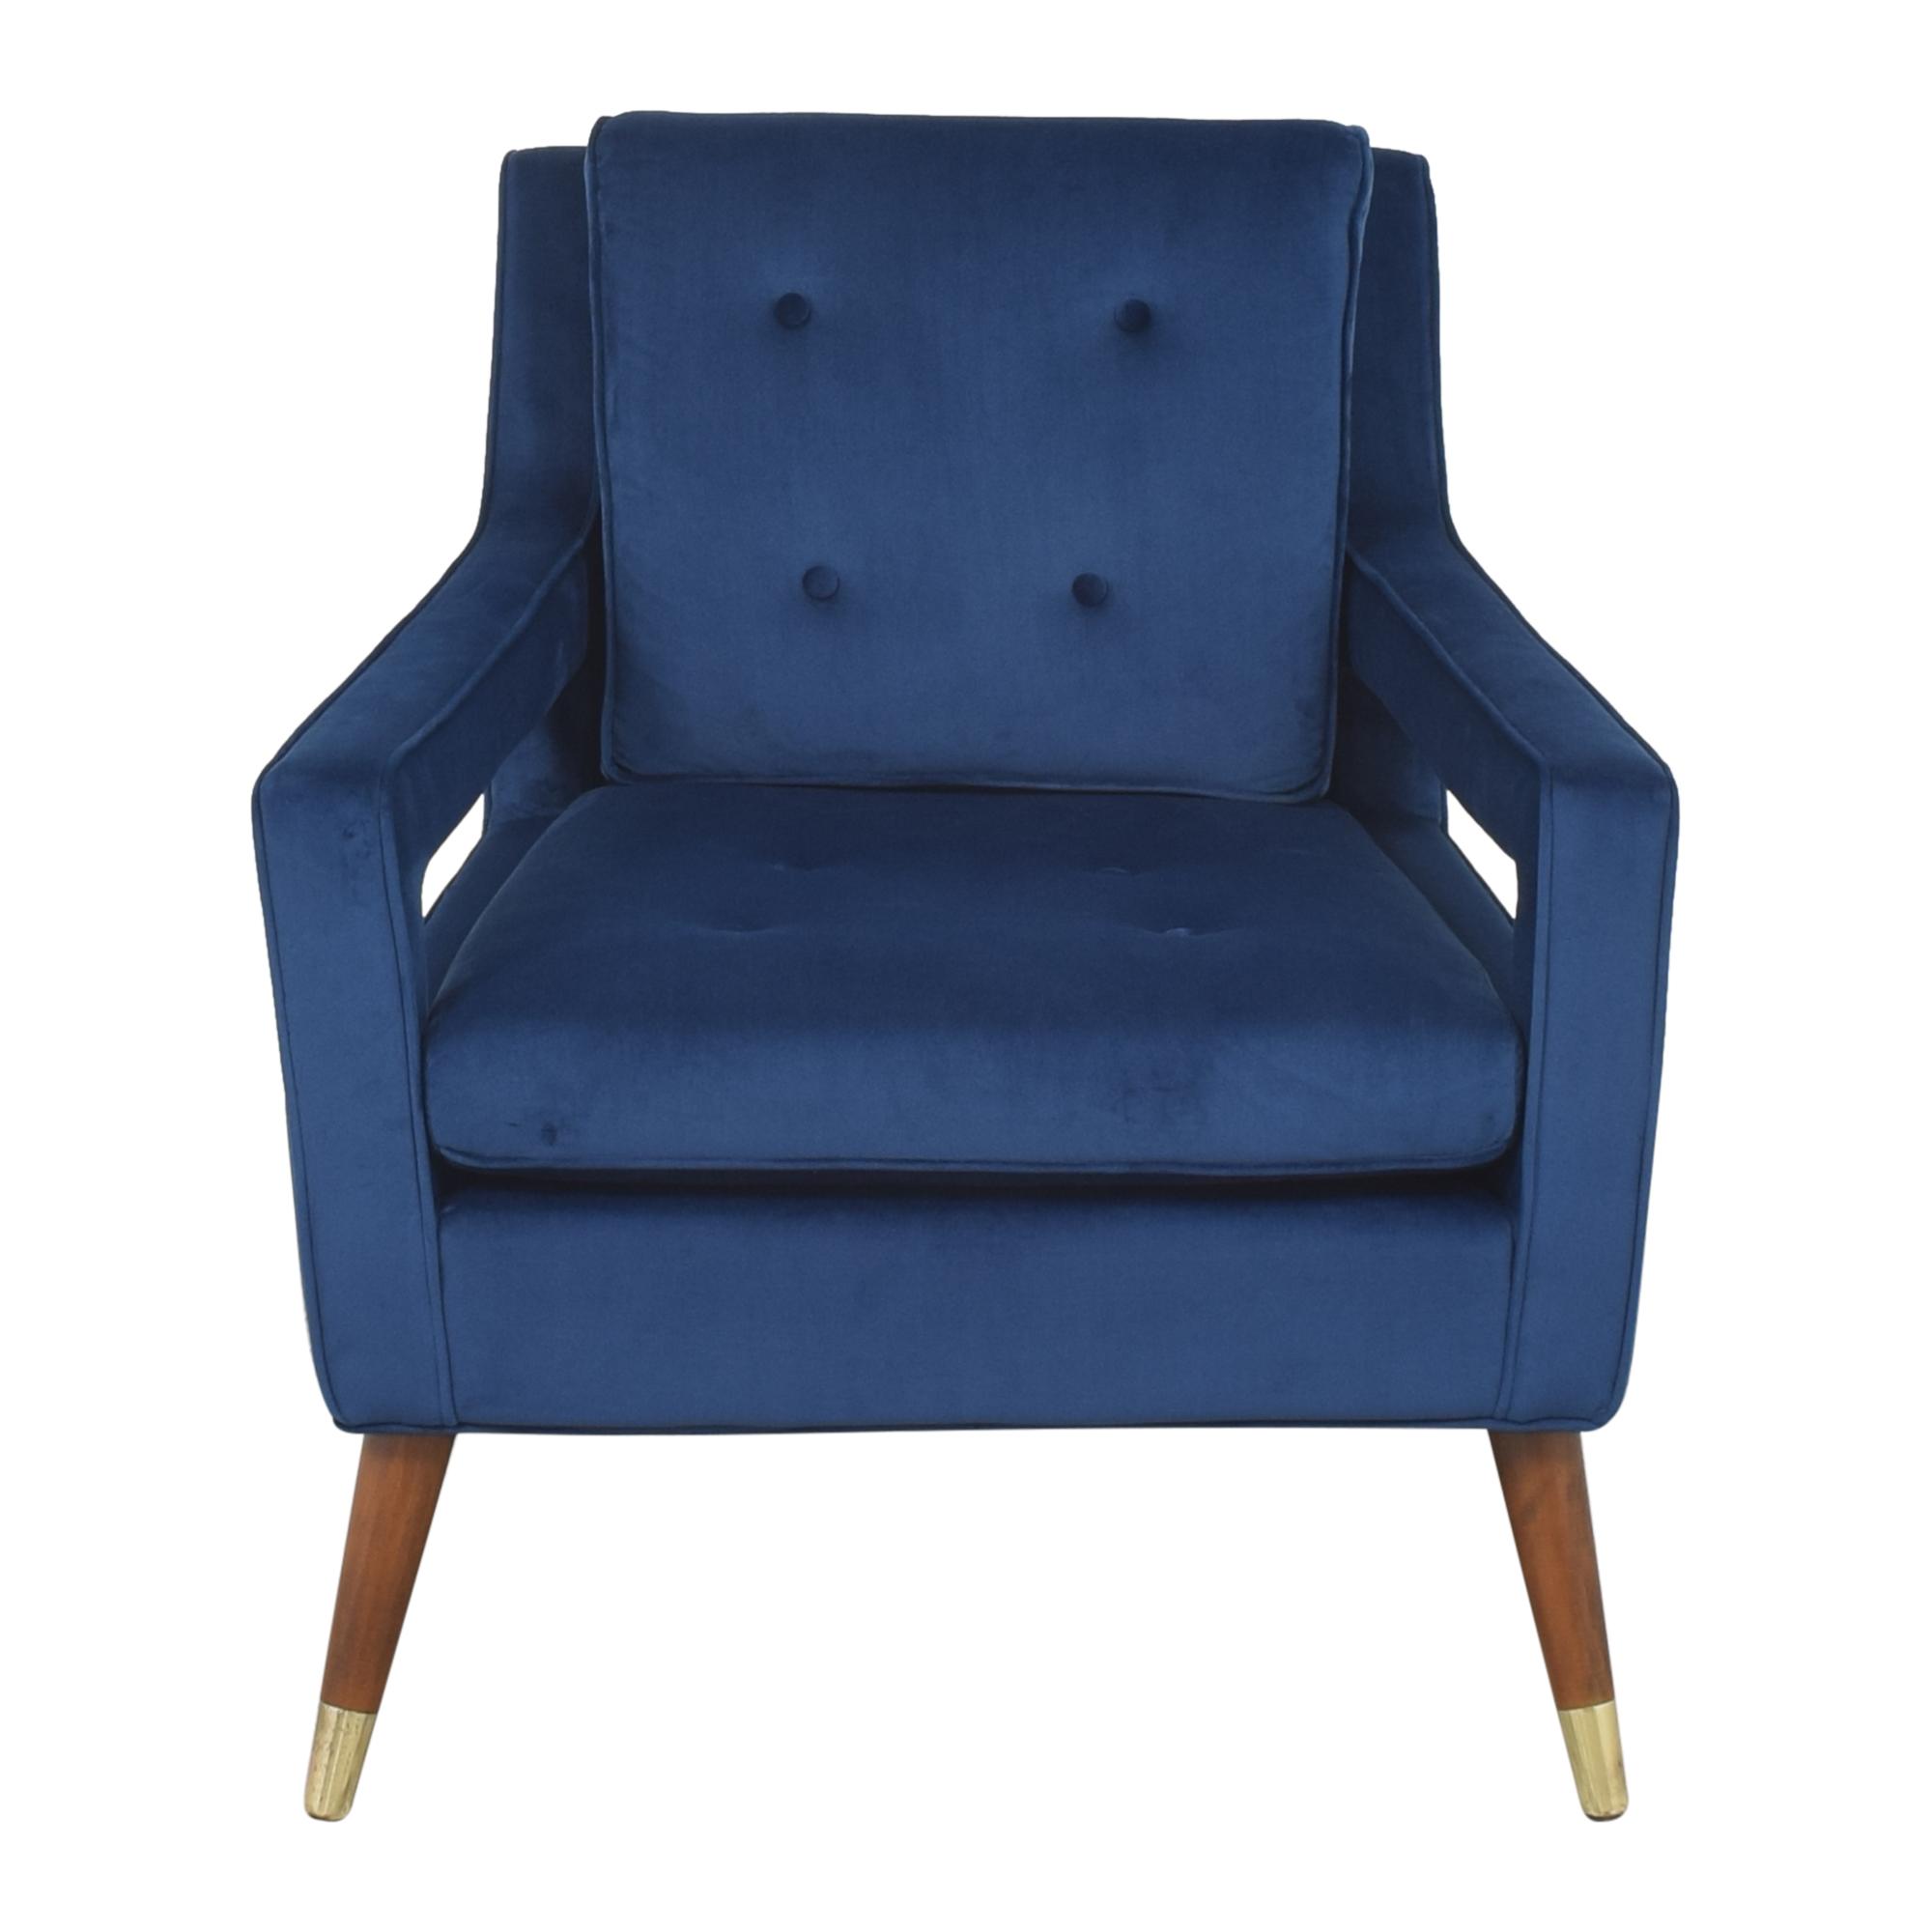 Tov Tov Draper Chair used